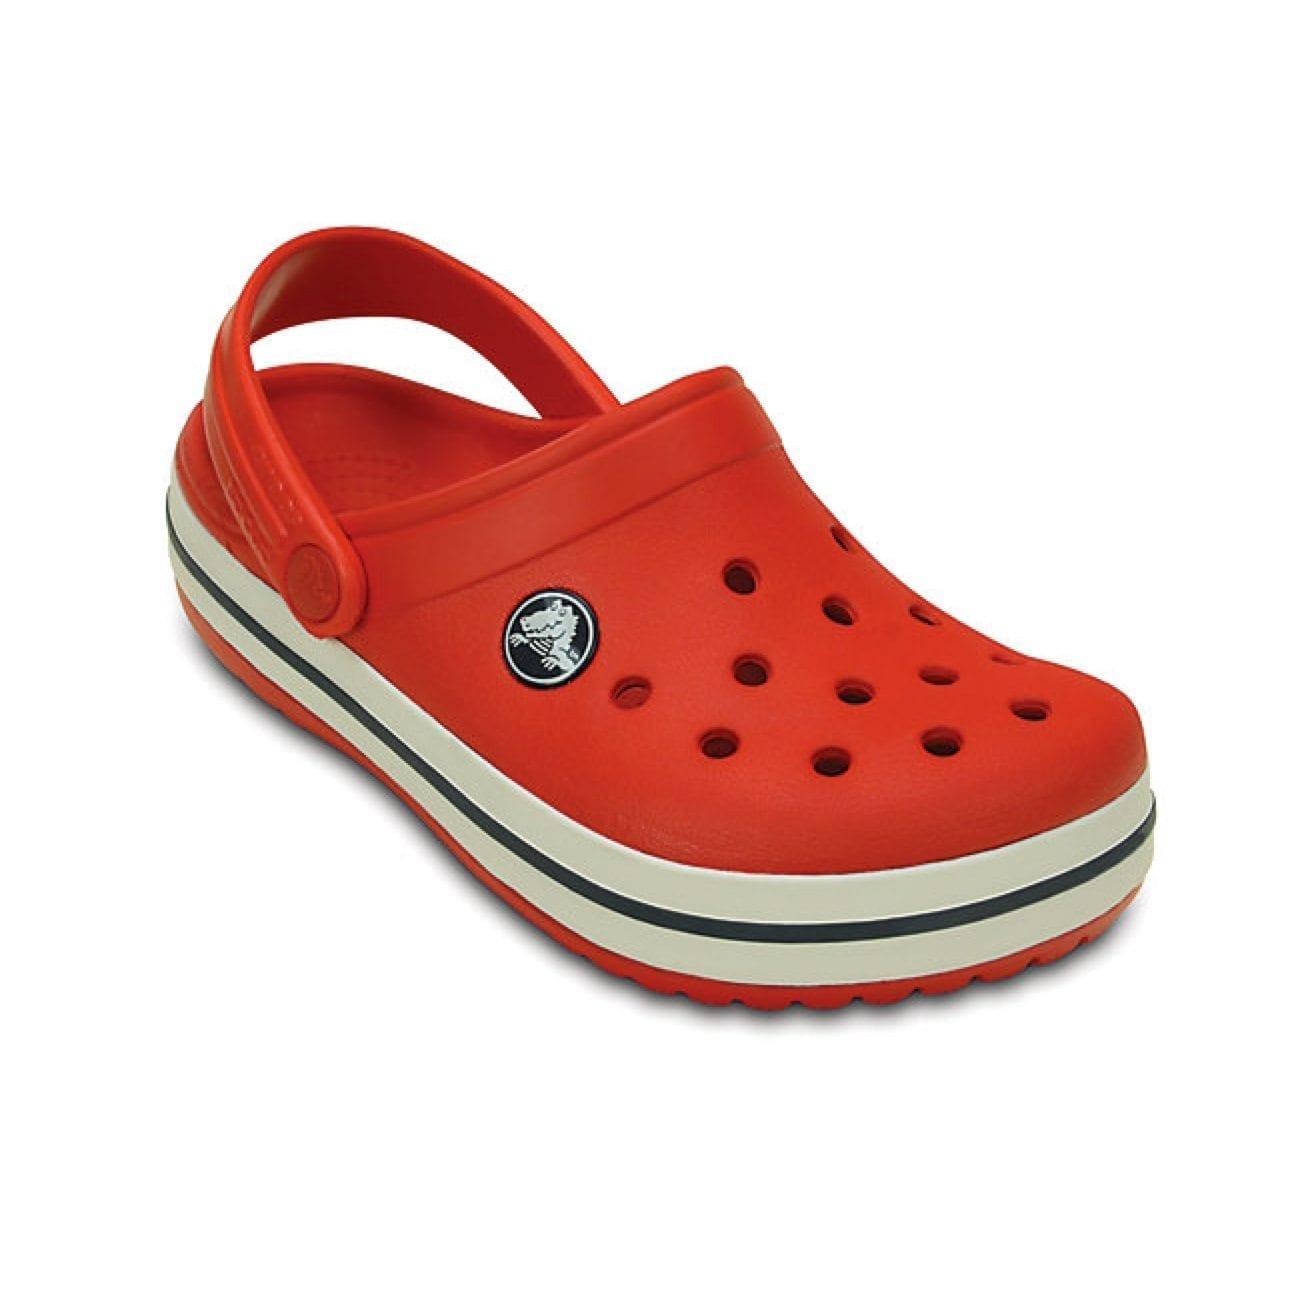 1b71f1fca Crocs-Croc-Band-Red-White-1-5